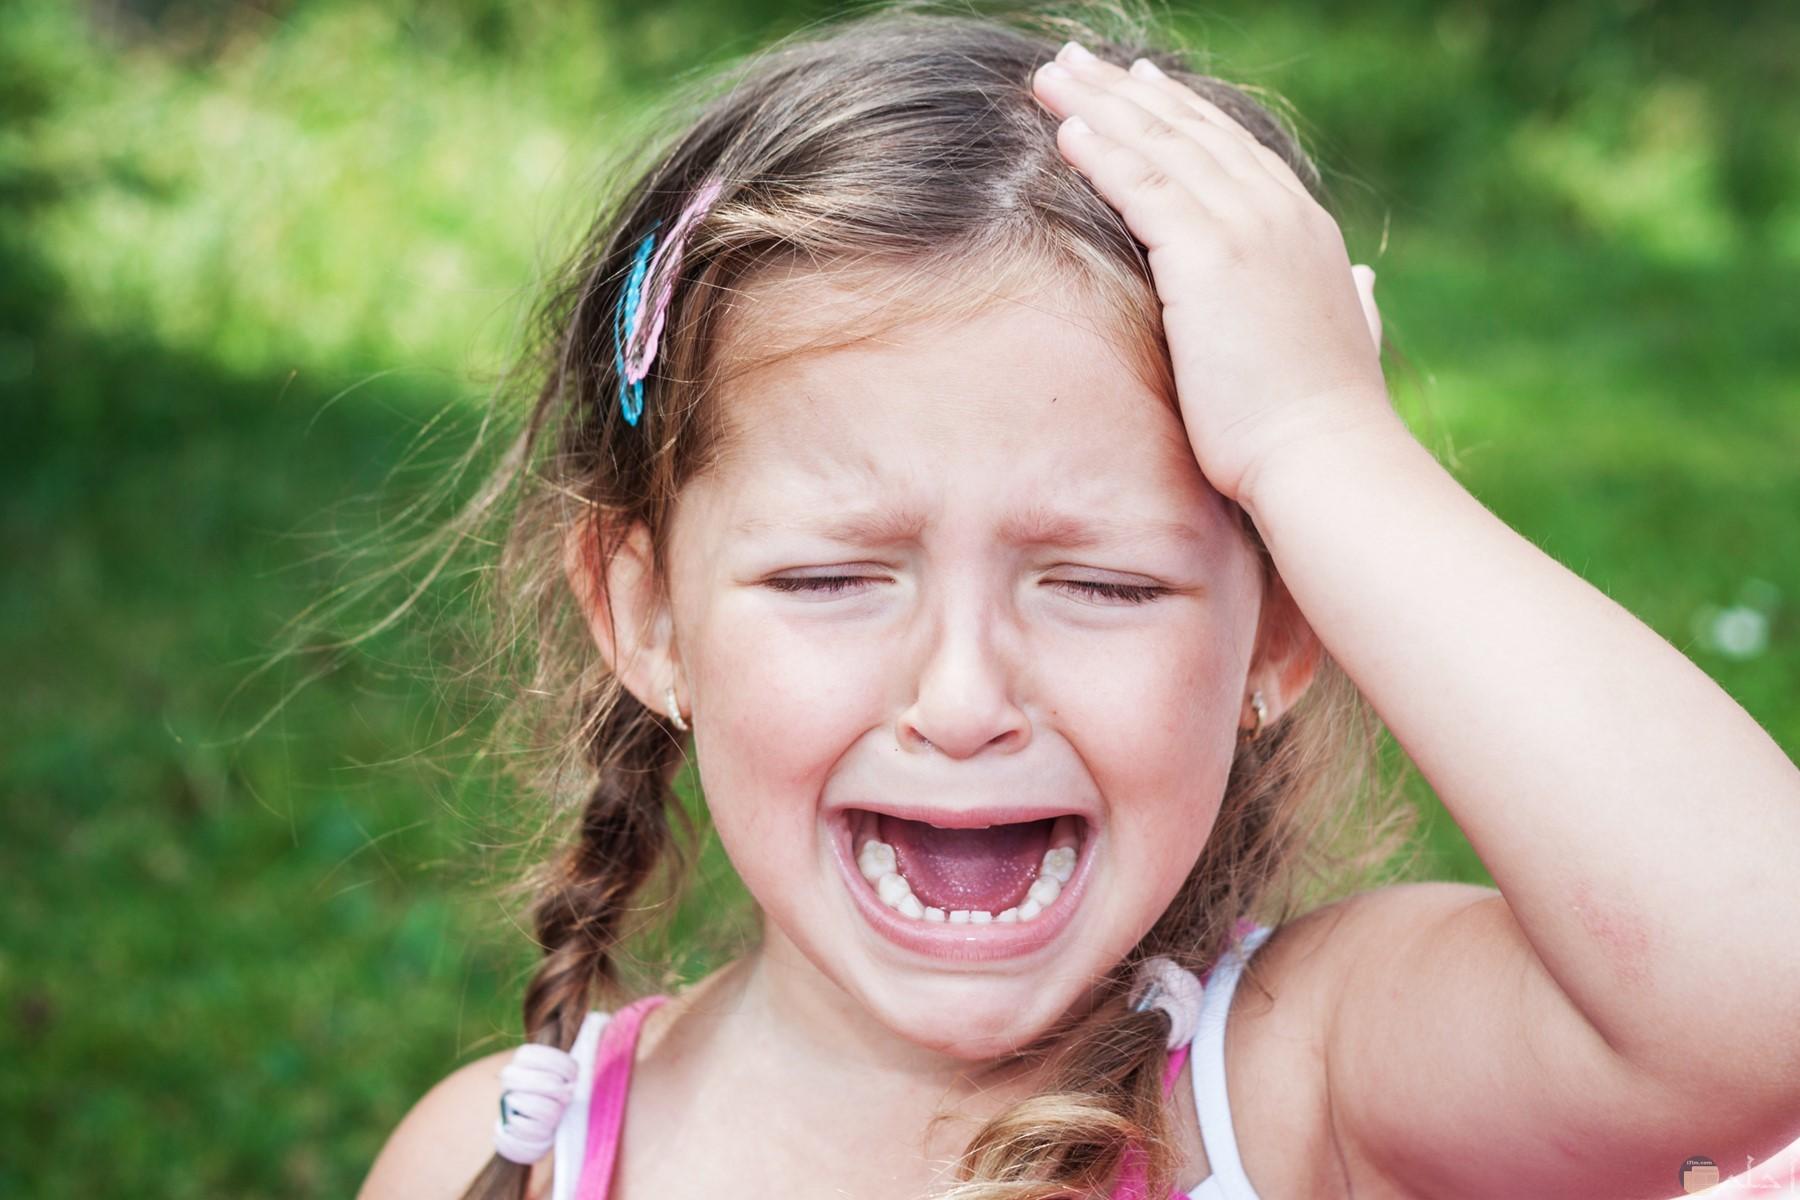 من اكثر الصور المعبرة عن حزن الاطفال البنات